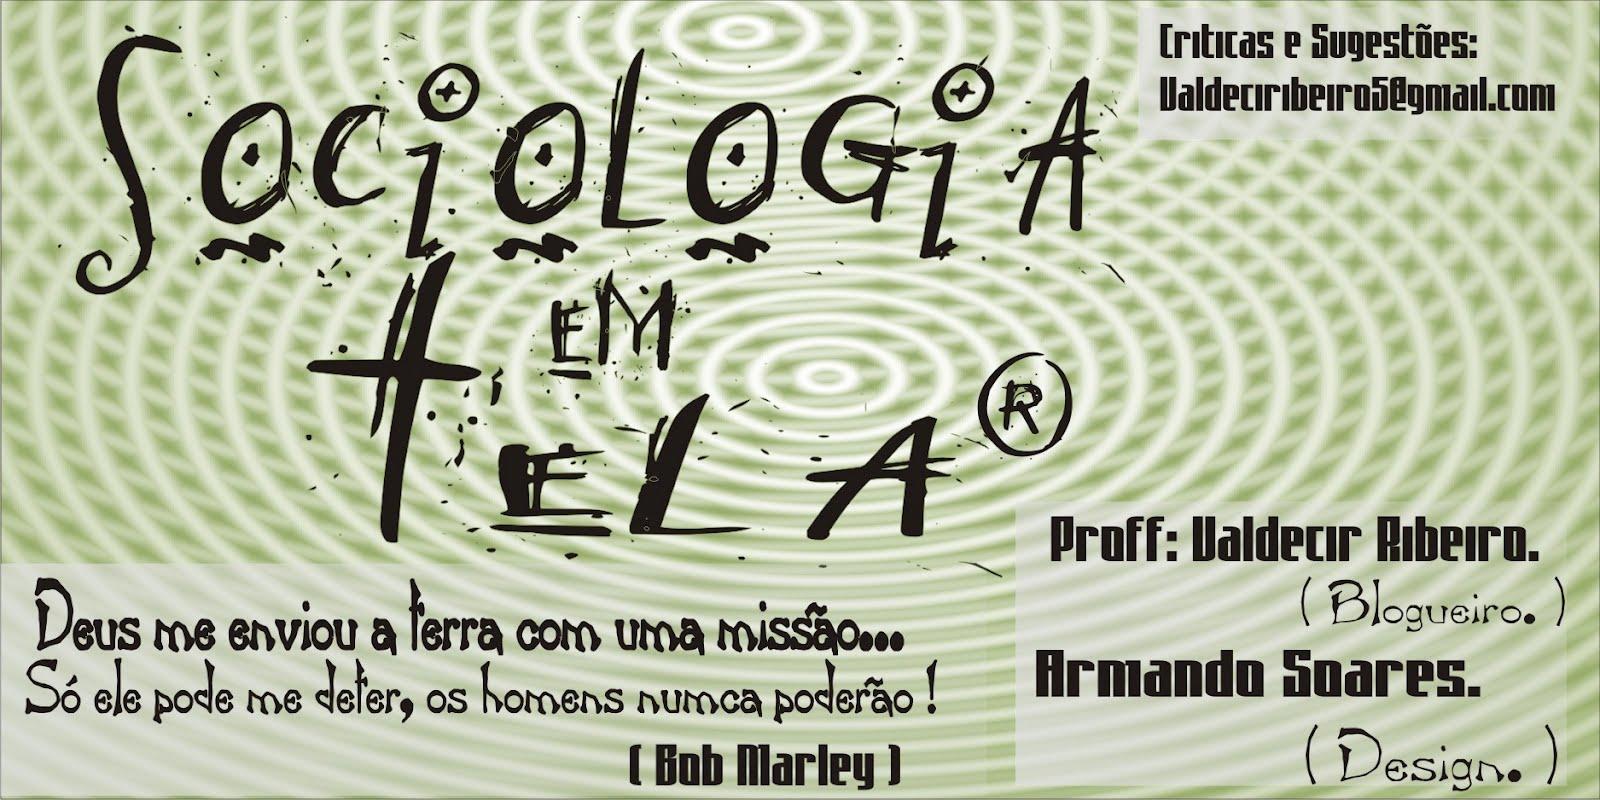 SOCIOLOGIA EM TELA